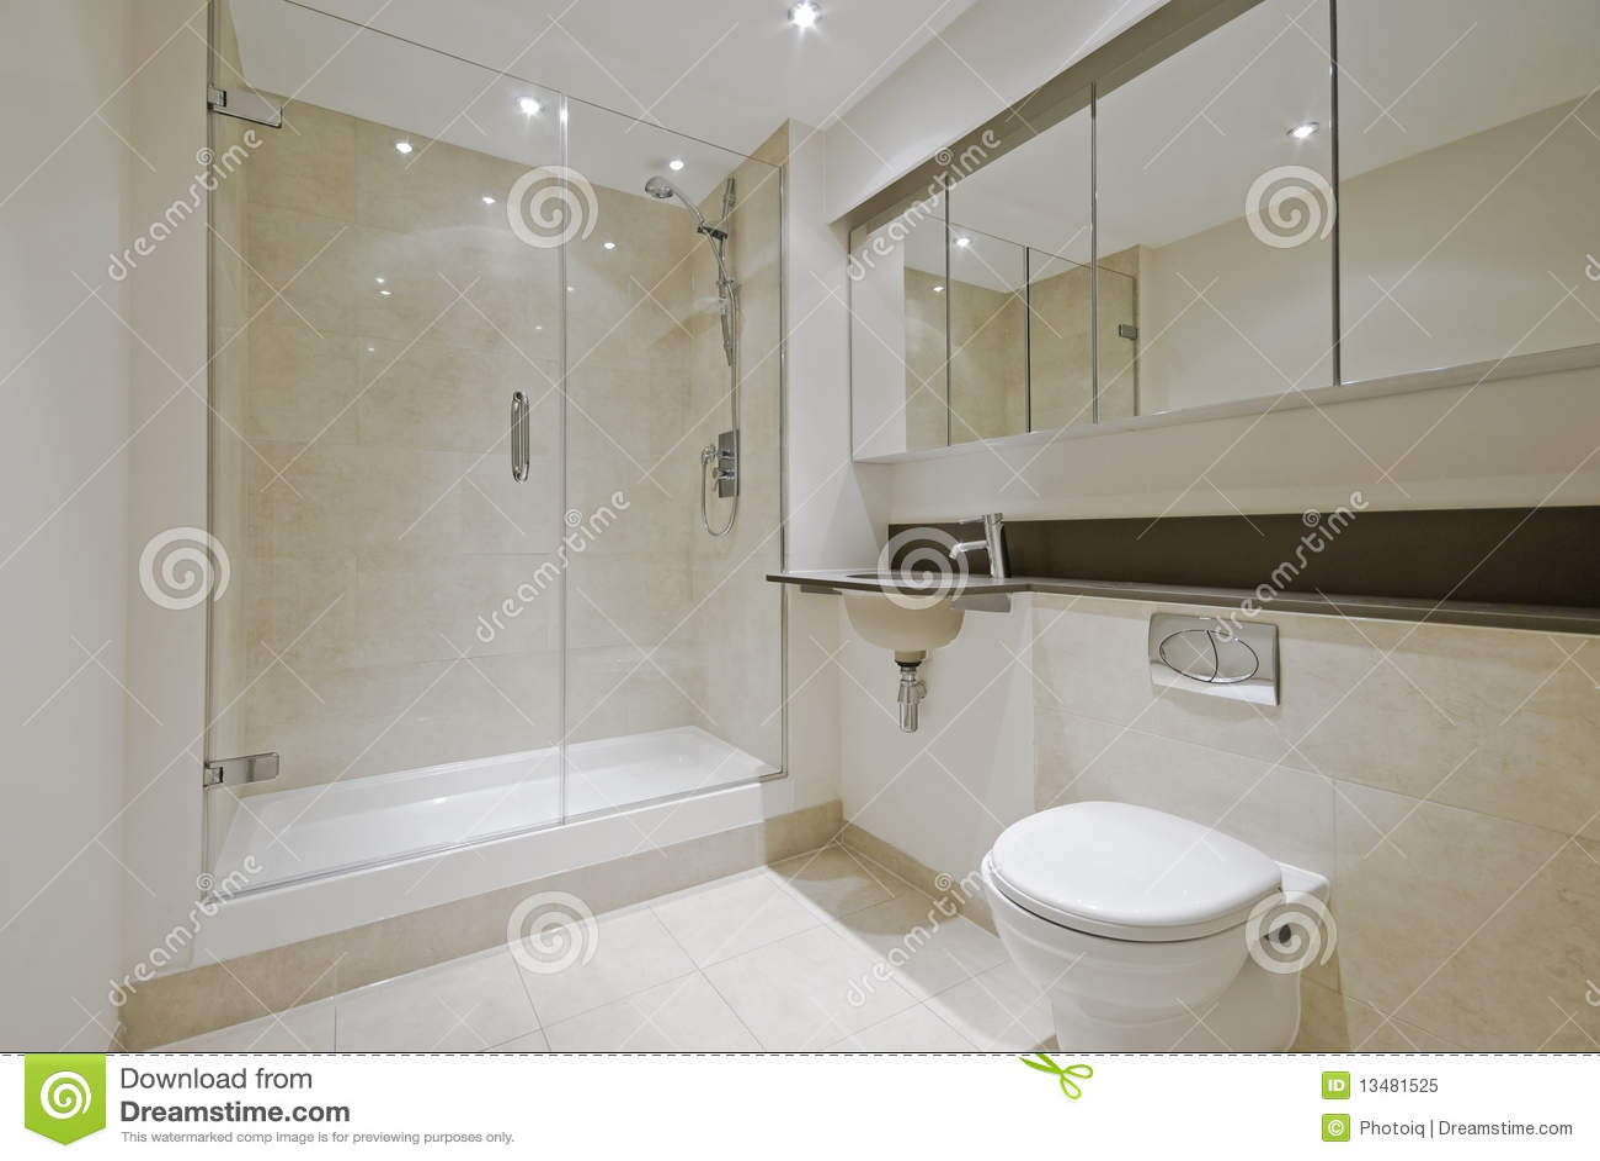 Baños Modernos En Marmol:Cuarto De Baño Moderno De La En-habitación Foto de archivo libre de